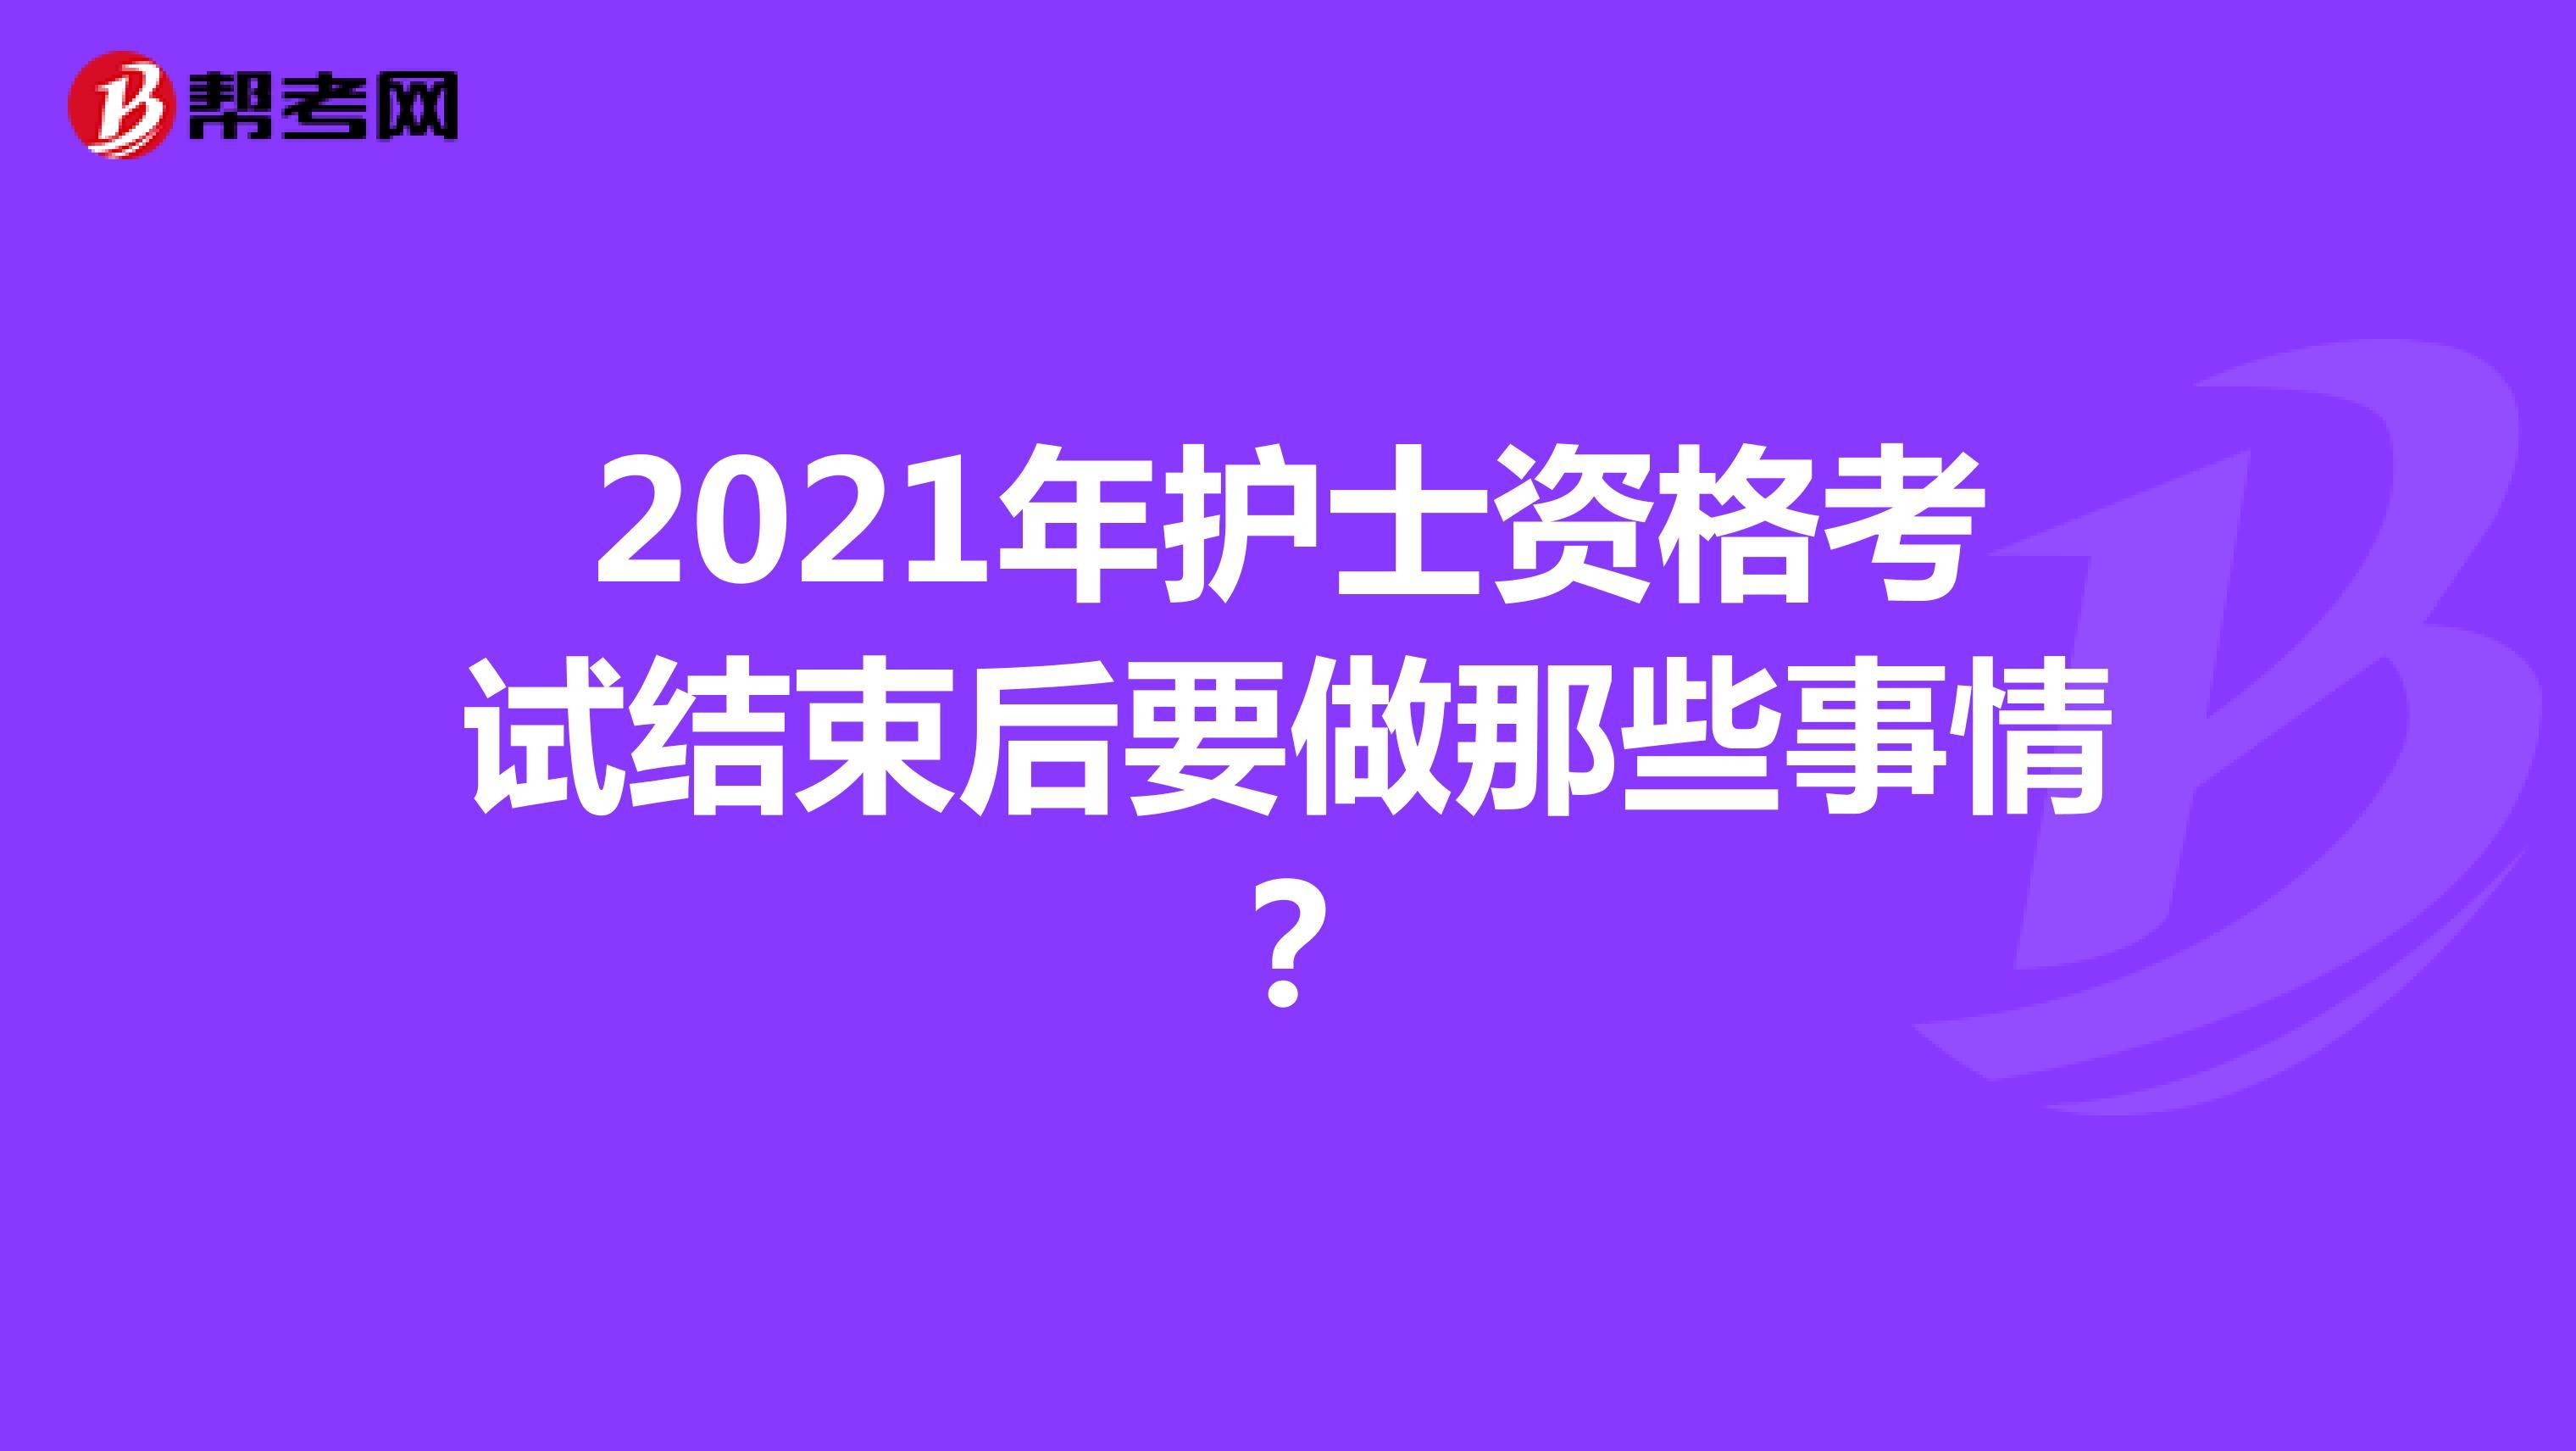 2021年护士资格考试结束后要做那些事情?